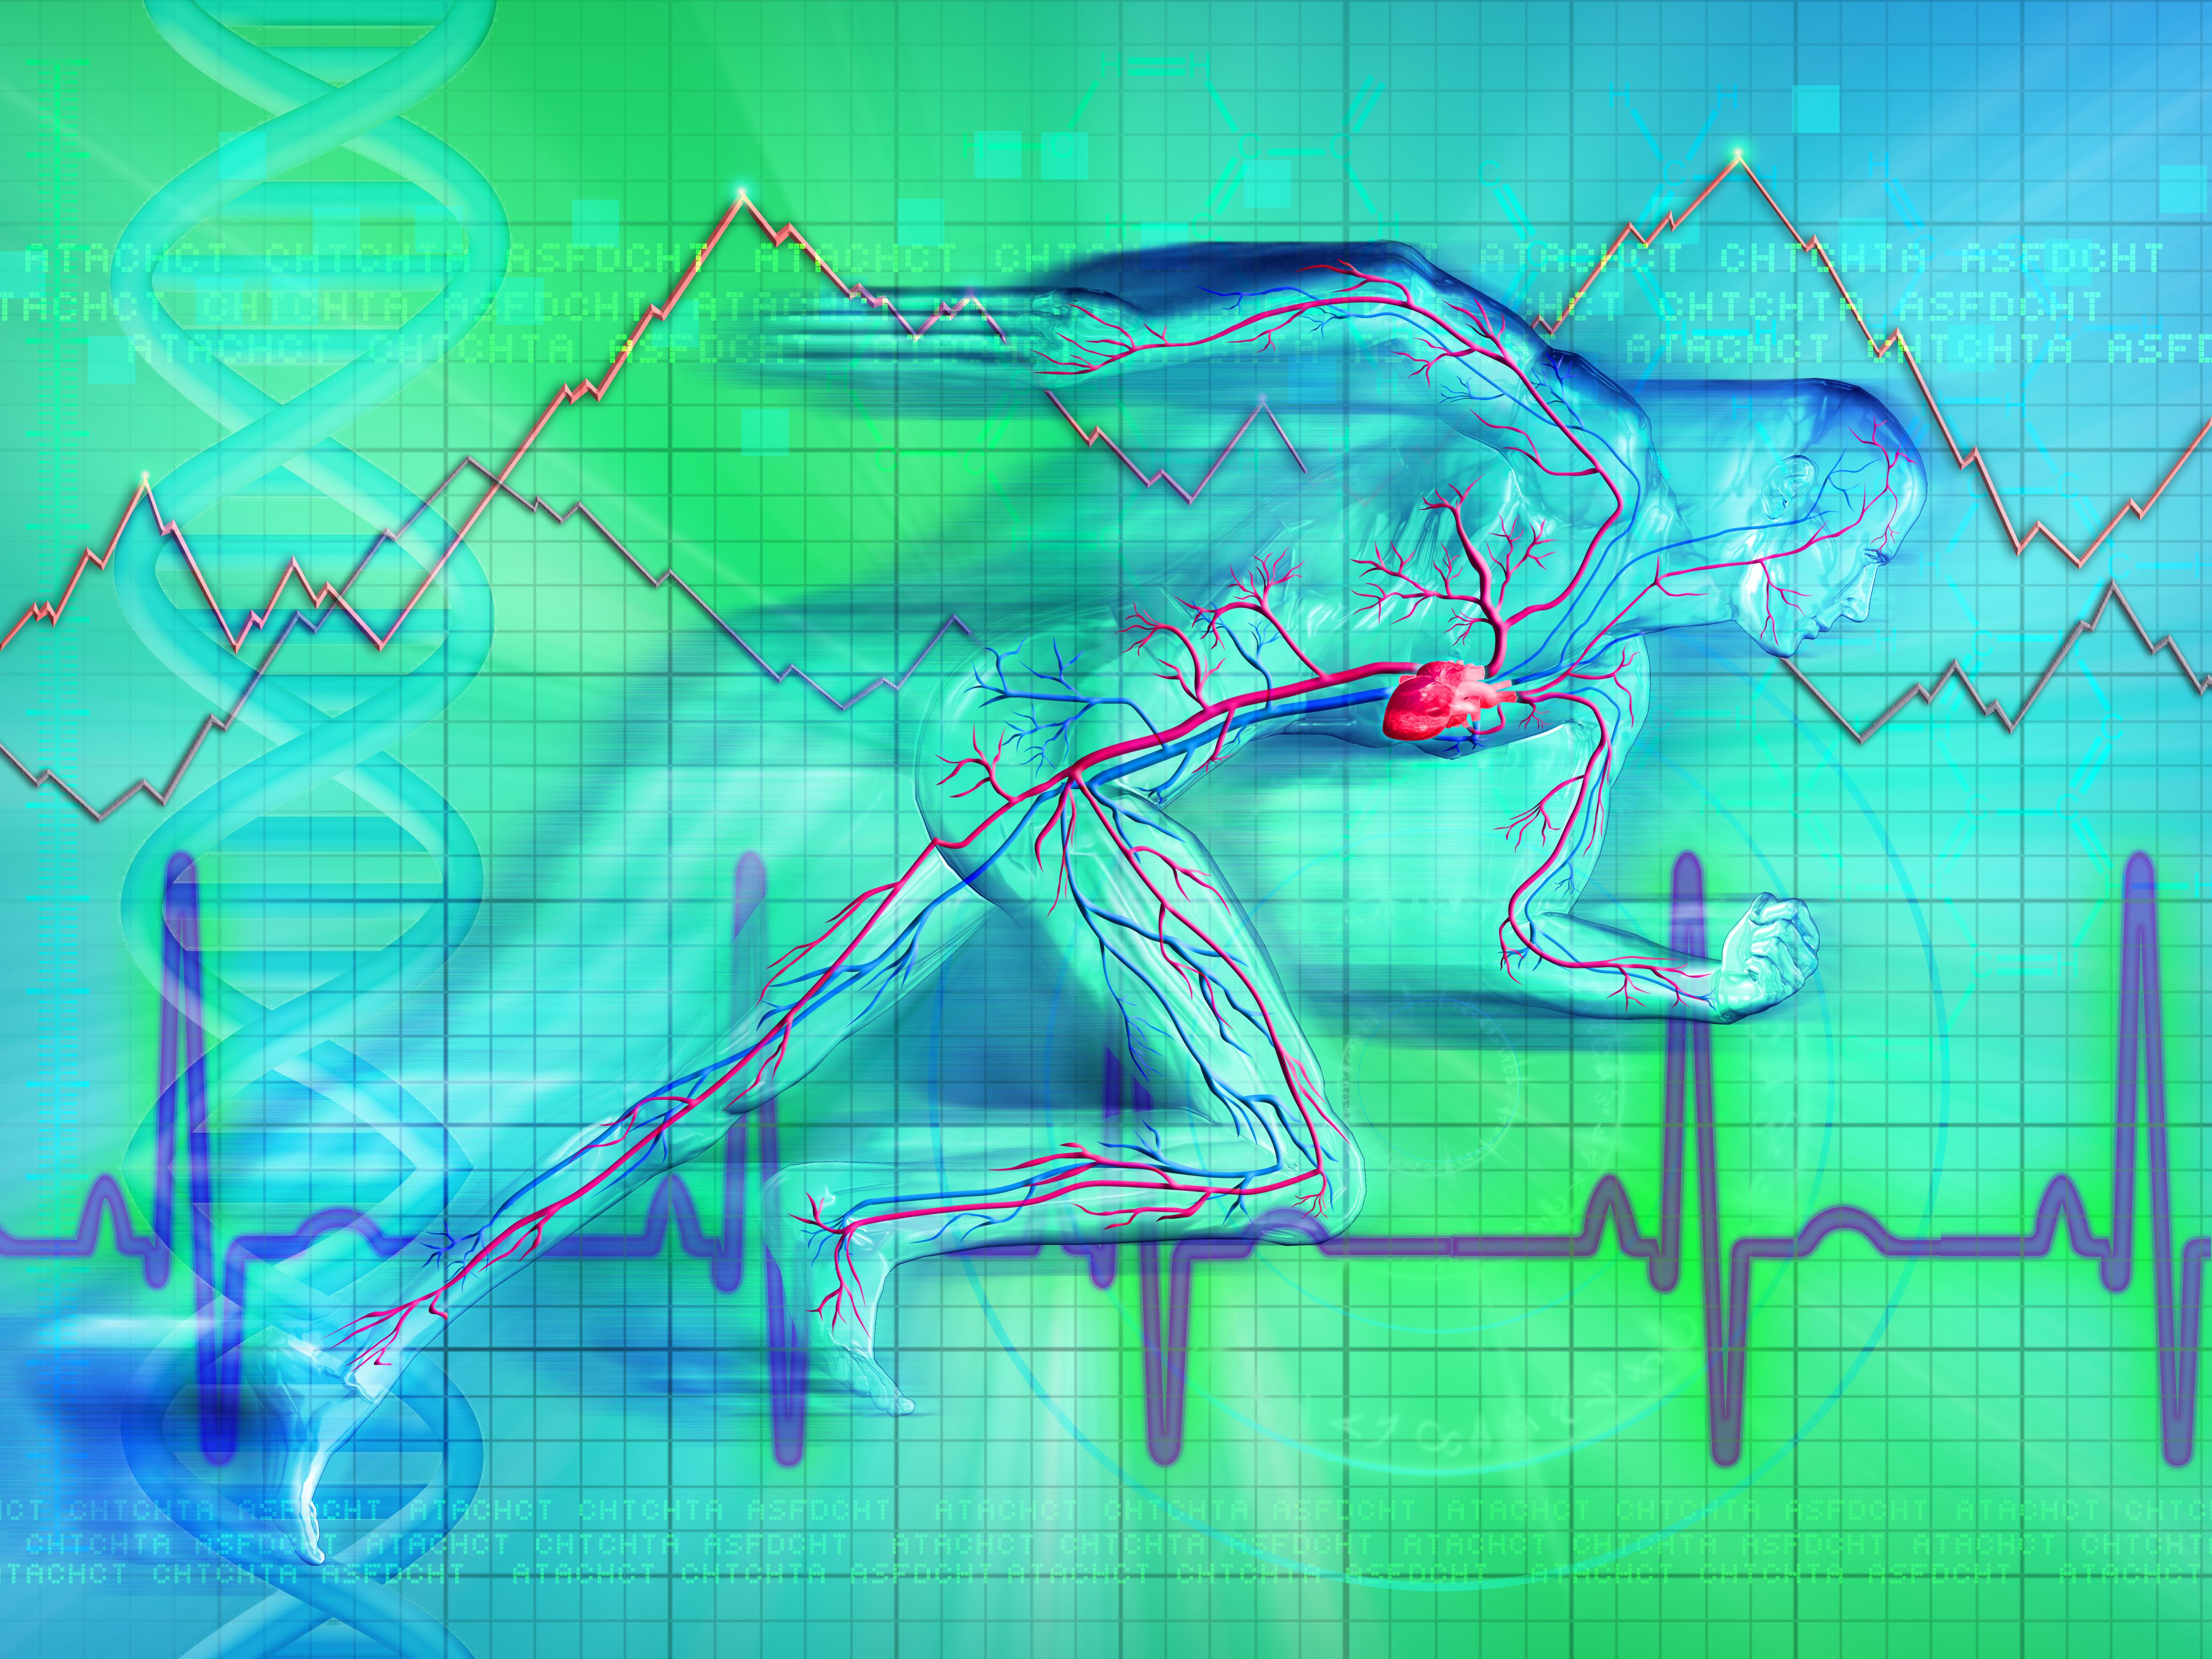 A Pentagon kifejlesztett egy lézert, ami 200 méterről képes azonosítani valakit a szívműködése alapján